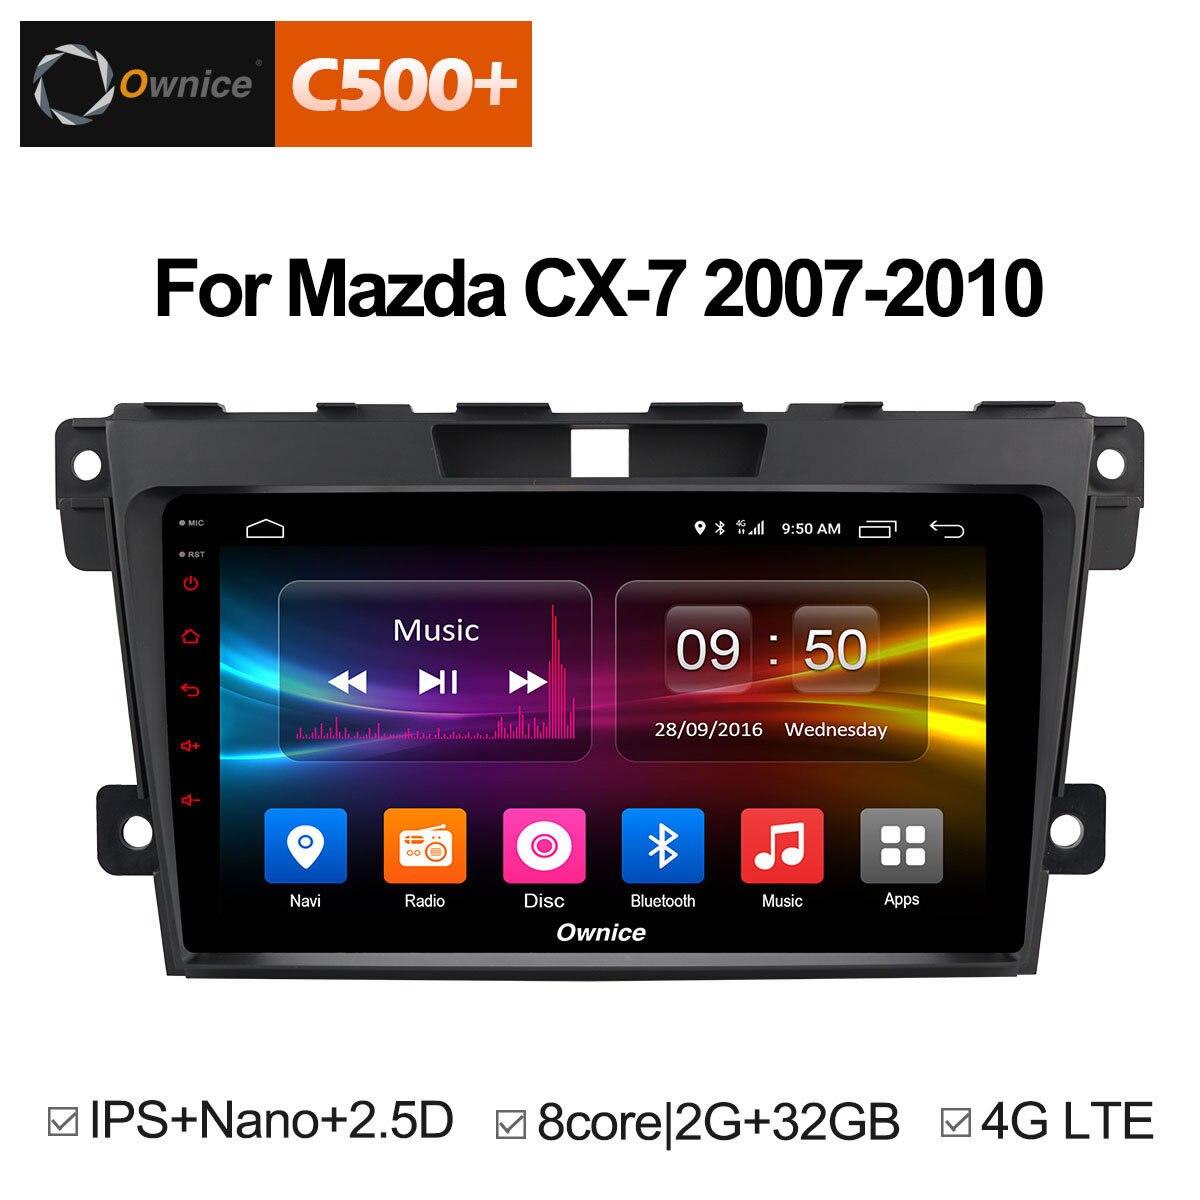 Ownice multimédia 2Din volant Android 8.1 unité pour Mazda Cx-7 CX 7 CX7 voiture lecteur DVD stéréo véhicule GPS Navigation 2.5D